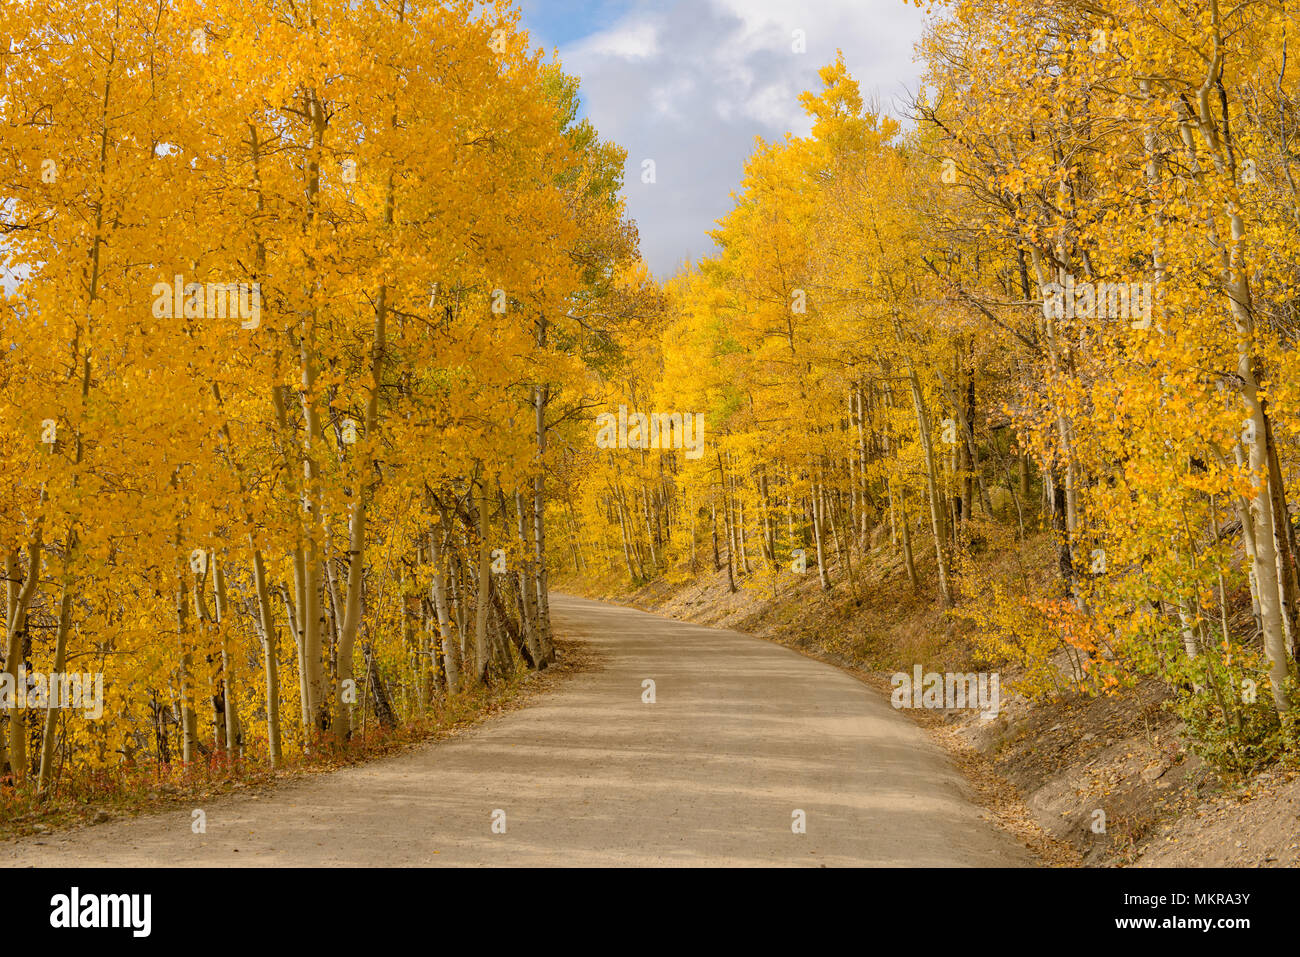 Aspen Grove - The sun shines on a unpaved mountain road, winding through a dense aspen grove in golden autumn of Colorado, Boreas Pass, CO, USA. - Stock Image